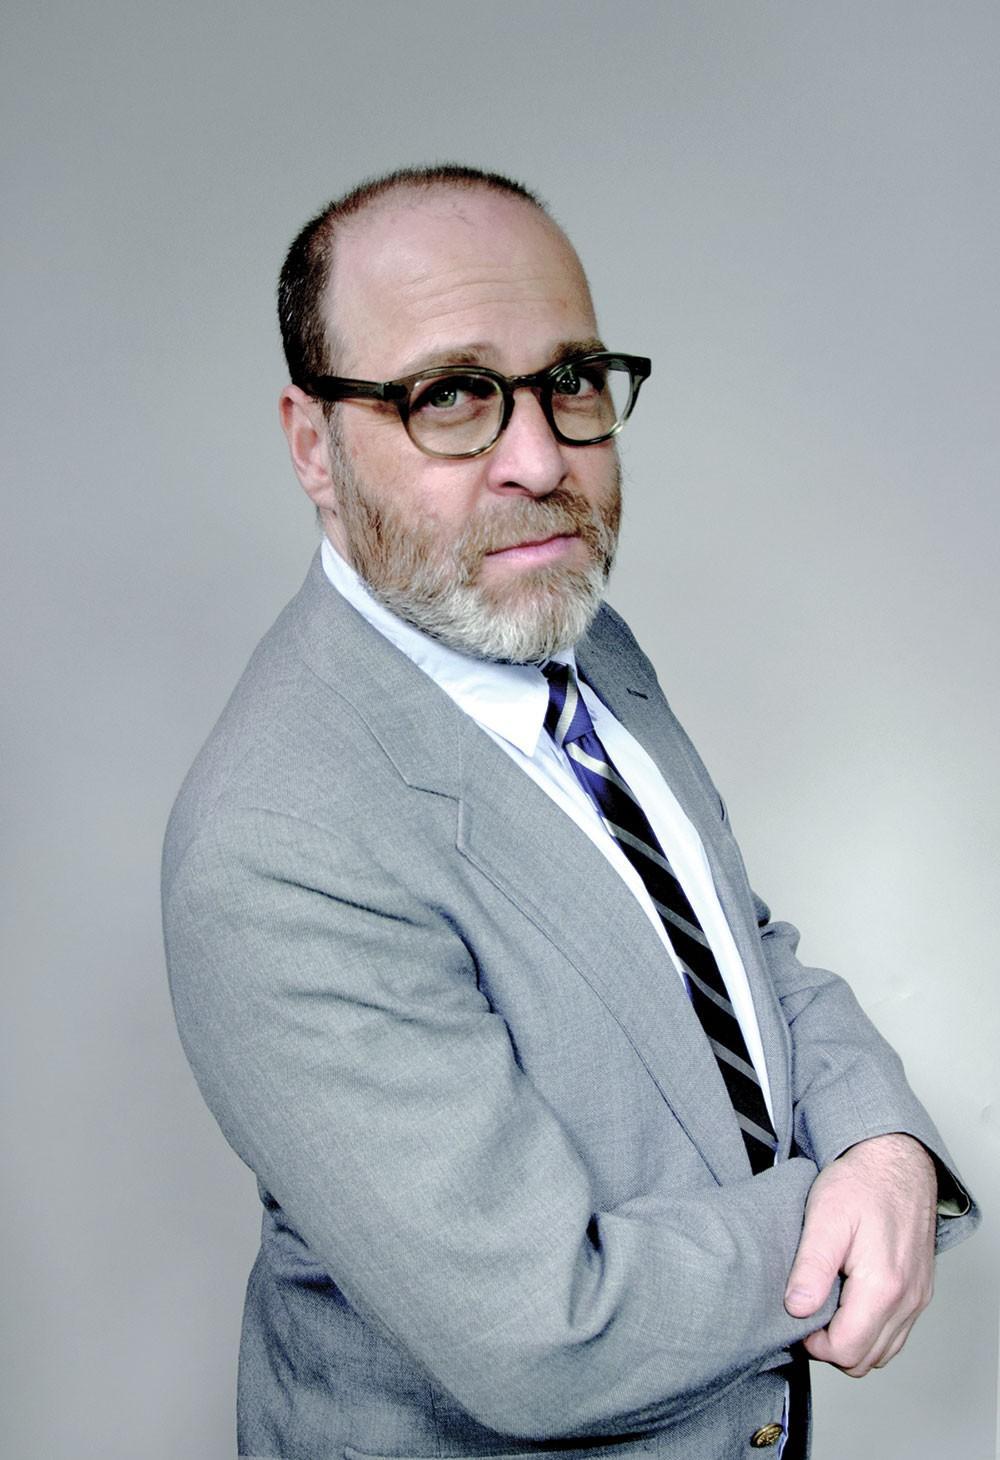 H. Jon Benjamin American Actor, Comedian, Voice Actor